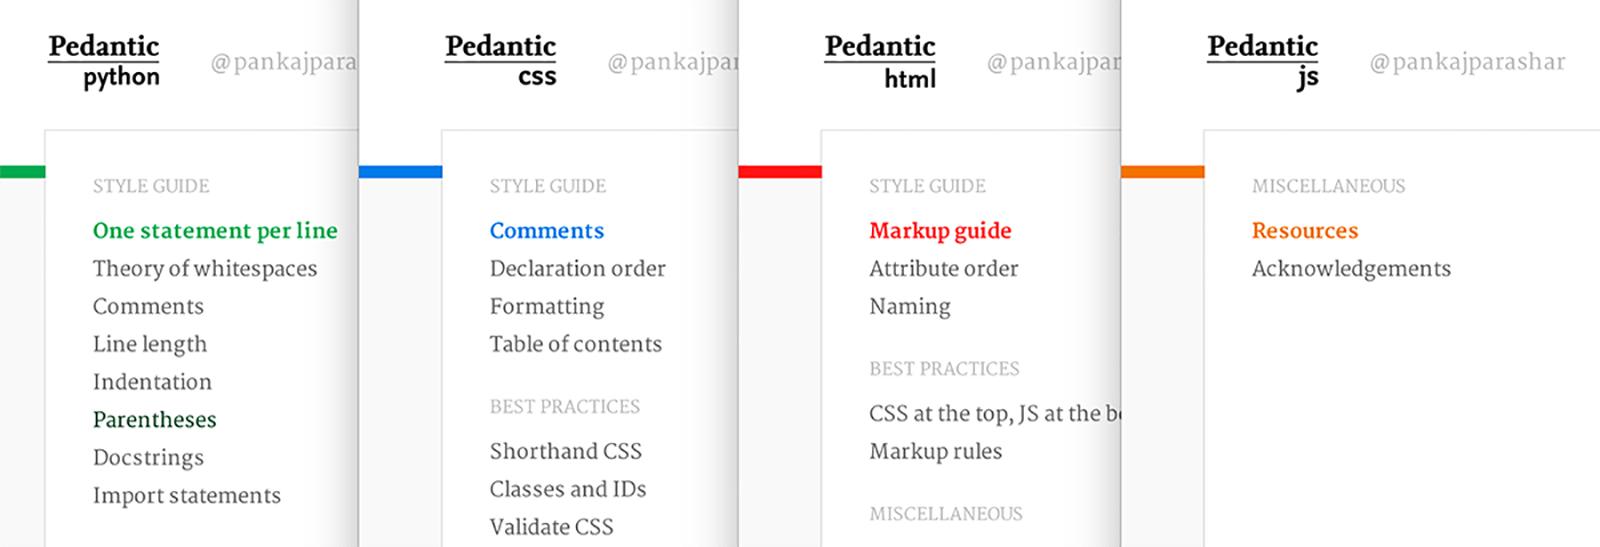 Pedantic series